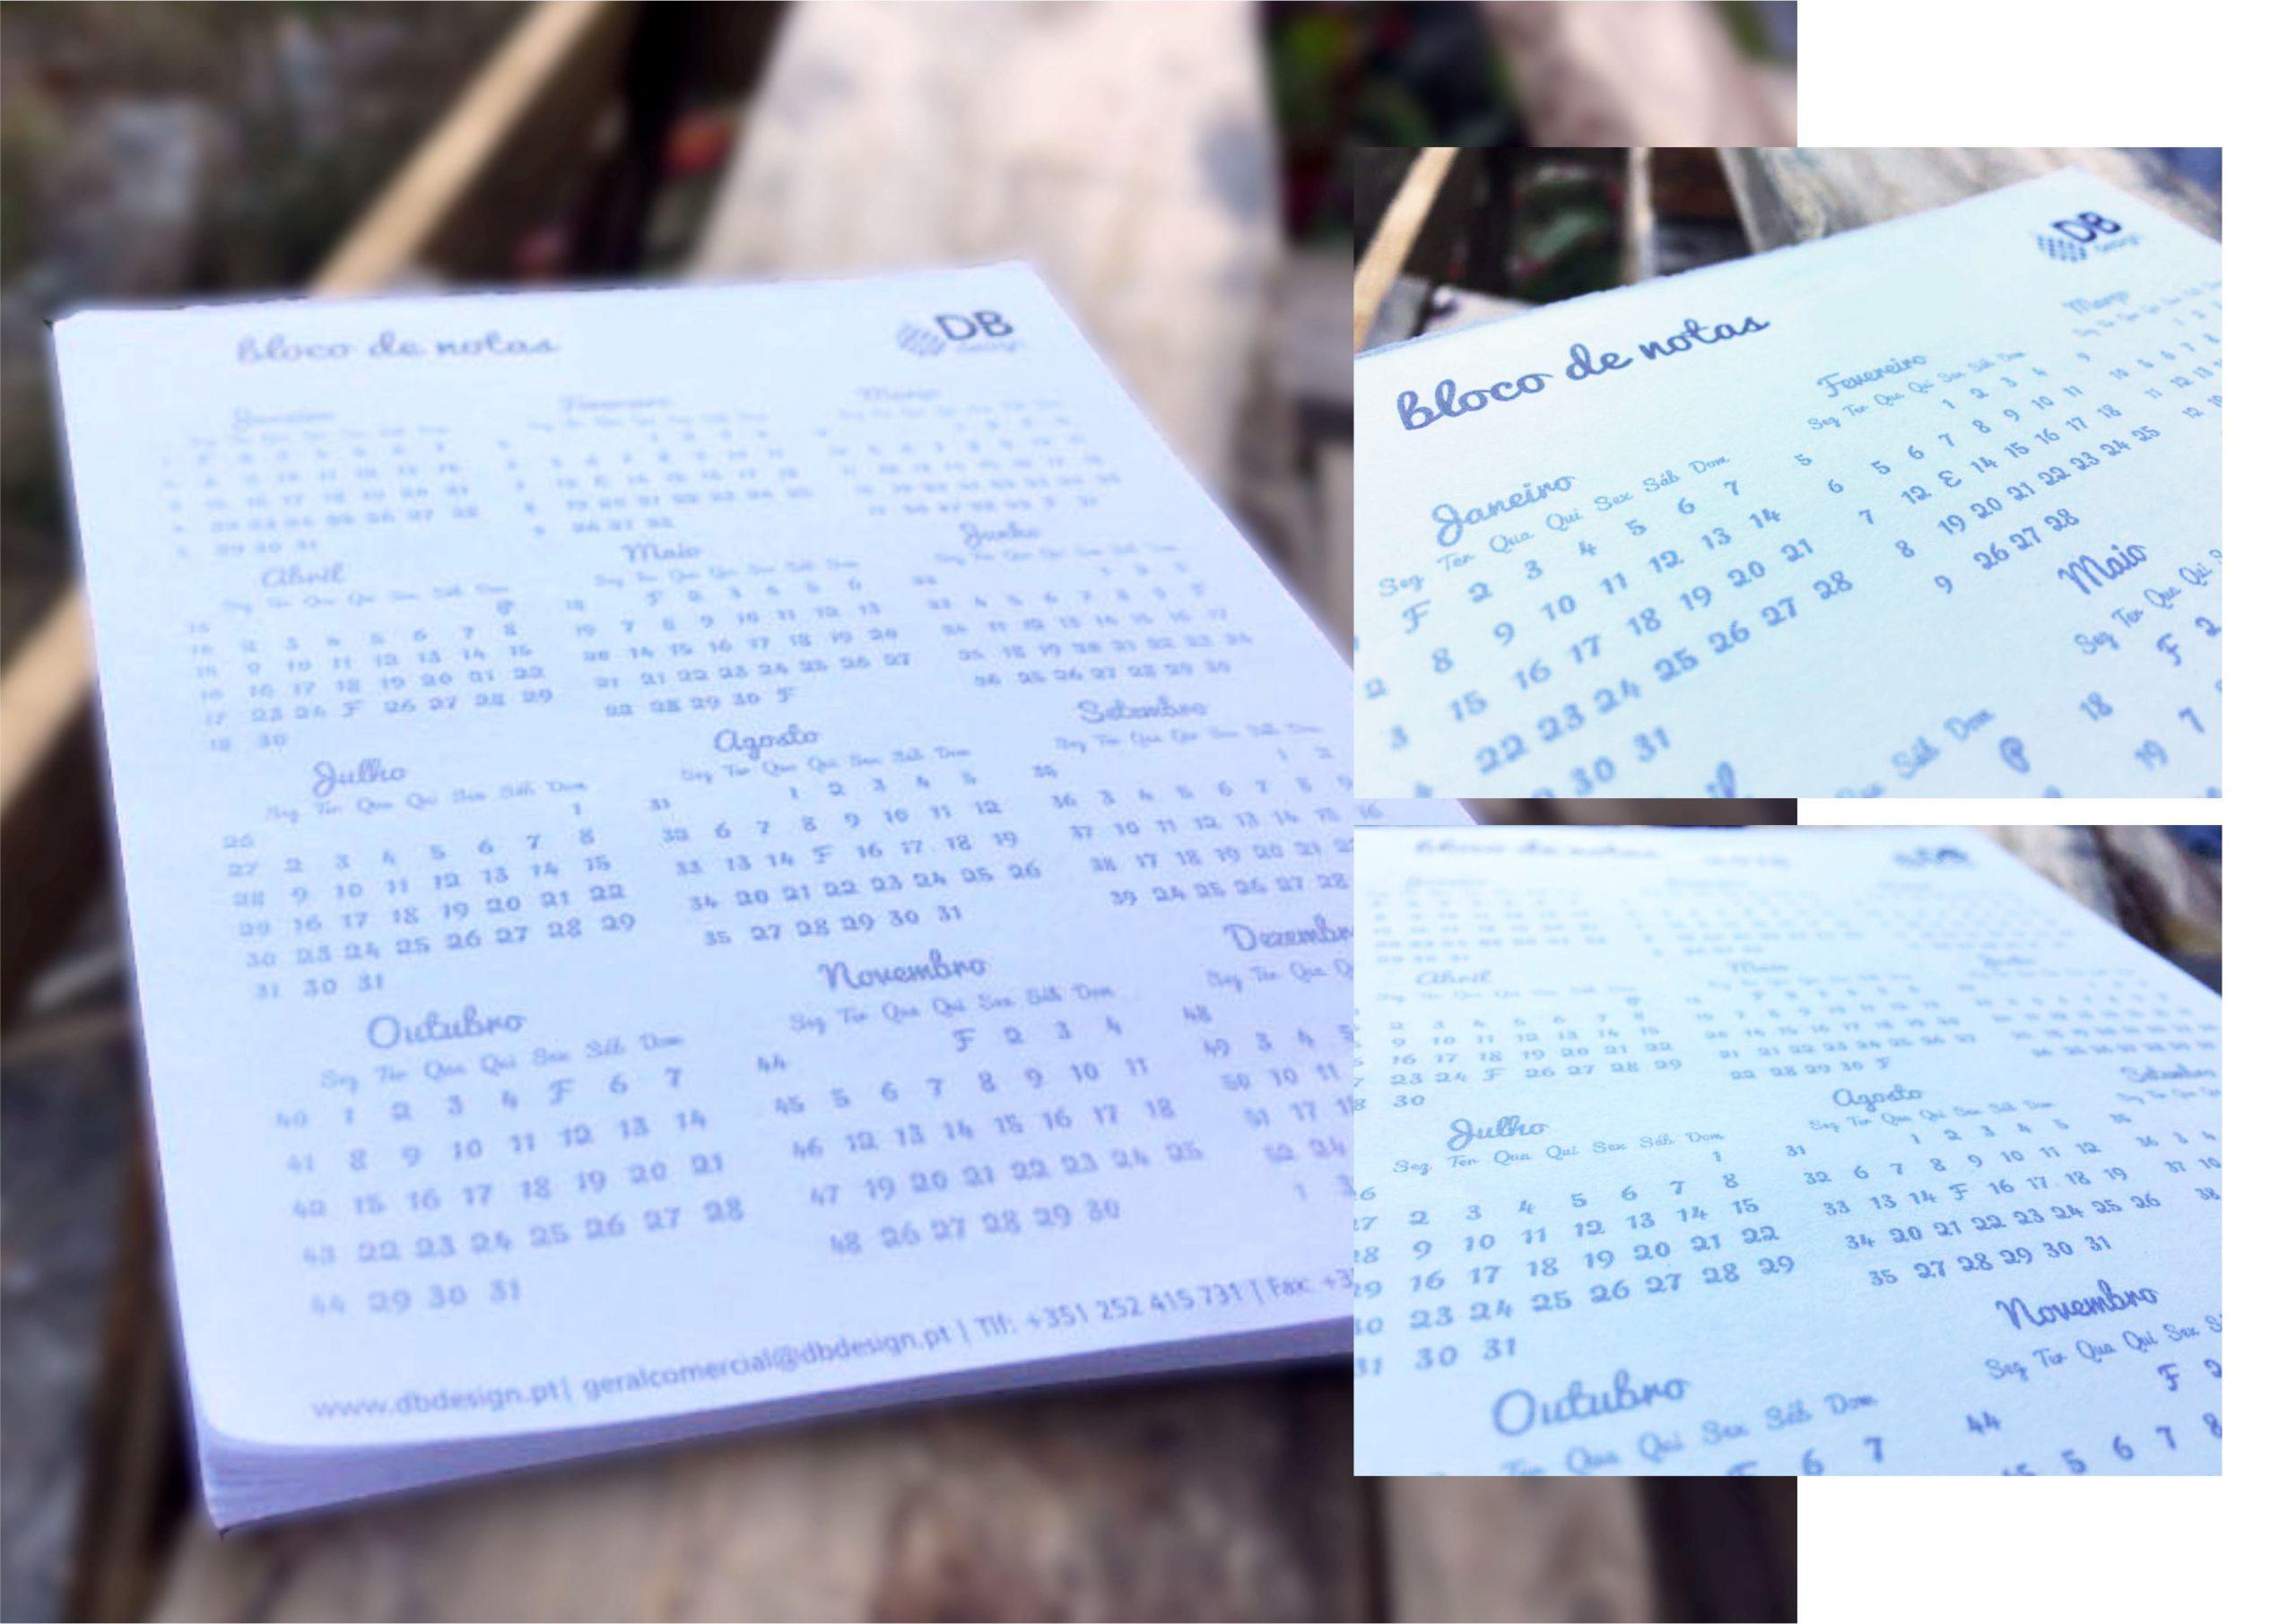 Cl 8 Bloco A5 com calendário impresso